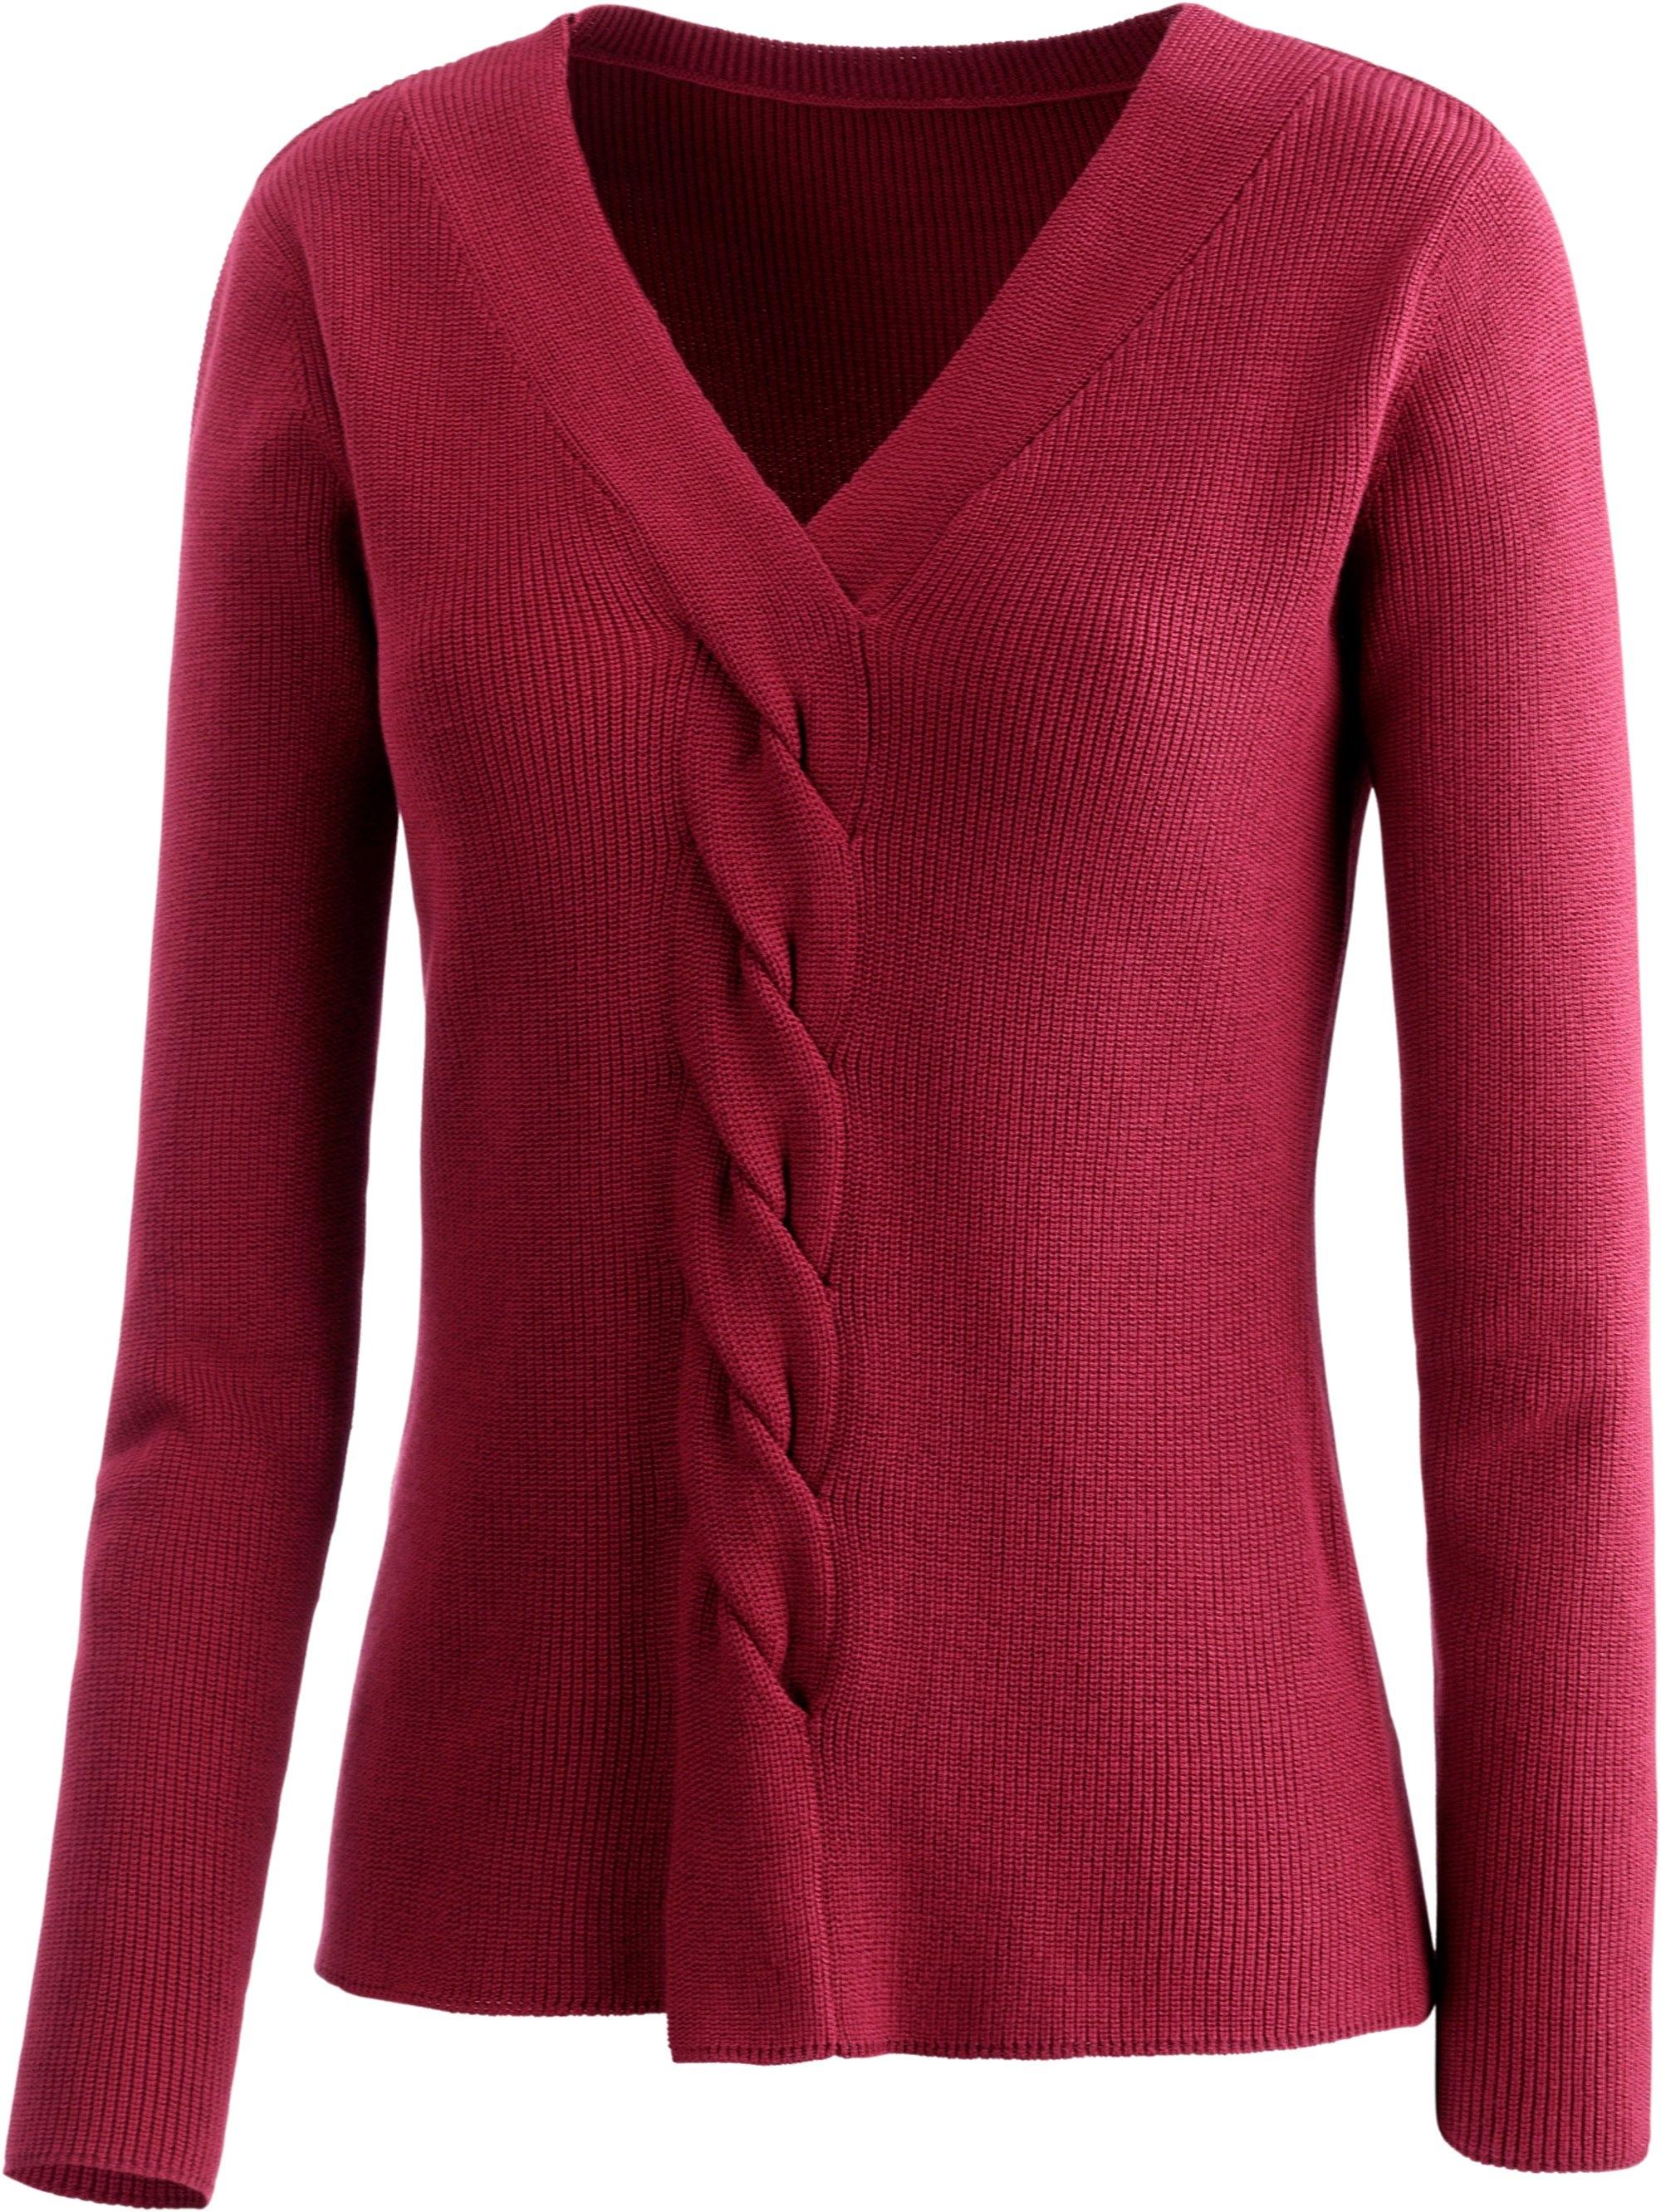 Classic Inspirationen trui met expressief kabelbreimotief nu online kopen bij OTTO